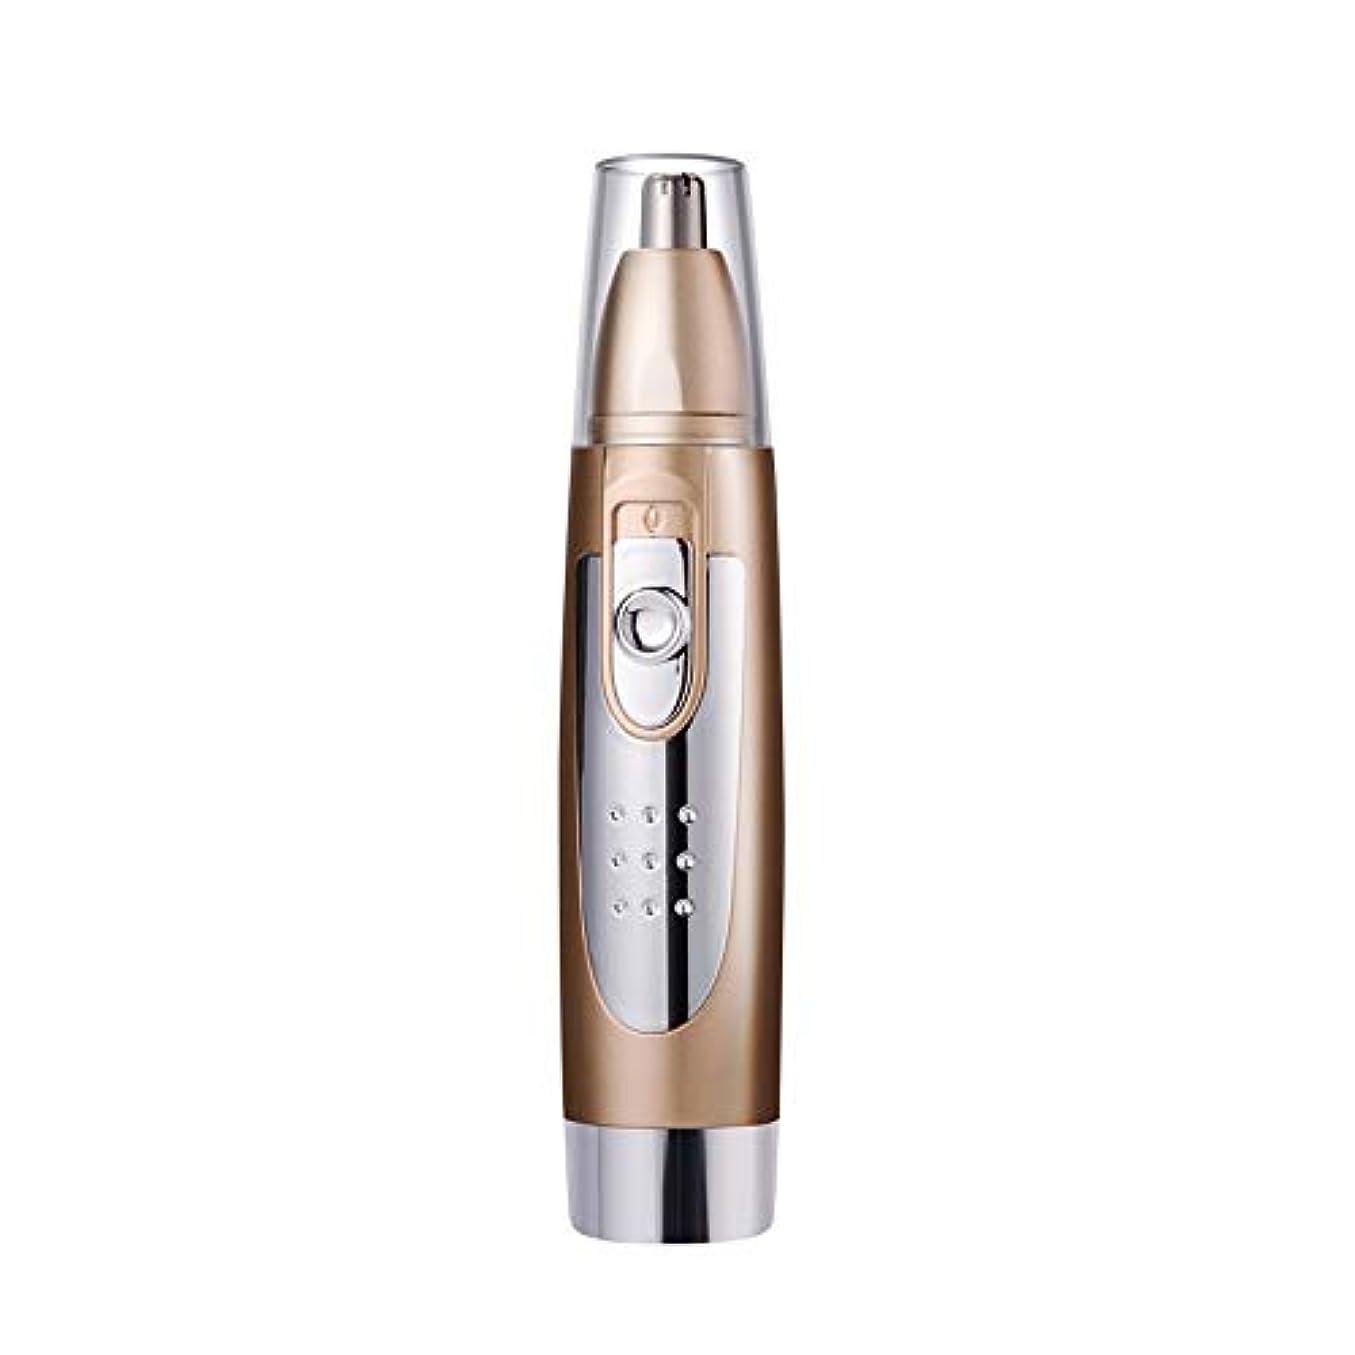 散歩エジプトアーカイブノーズヘアトリマー-カッターヘッドウォッシャブル/三次元曲面カッターヘッドデザイン/ 360°立体ノーズヘア/ 135mm 持つ価値があります